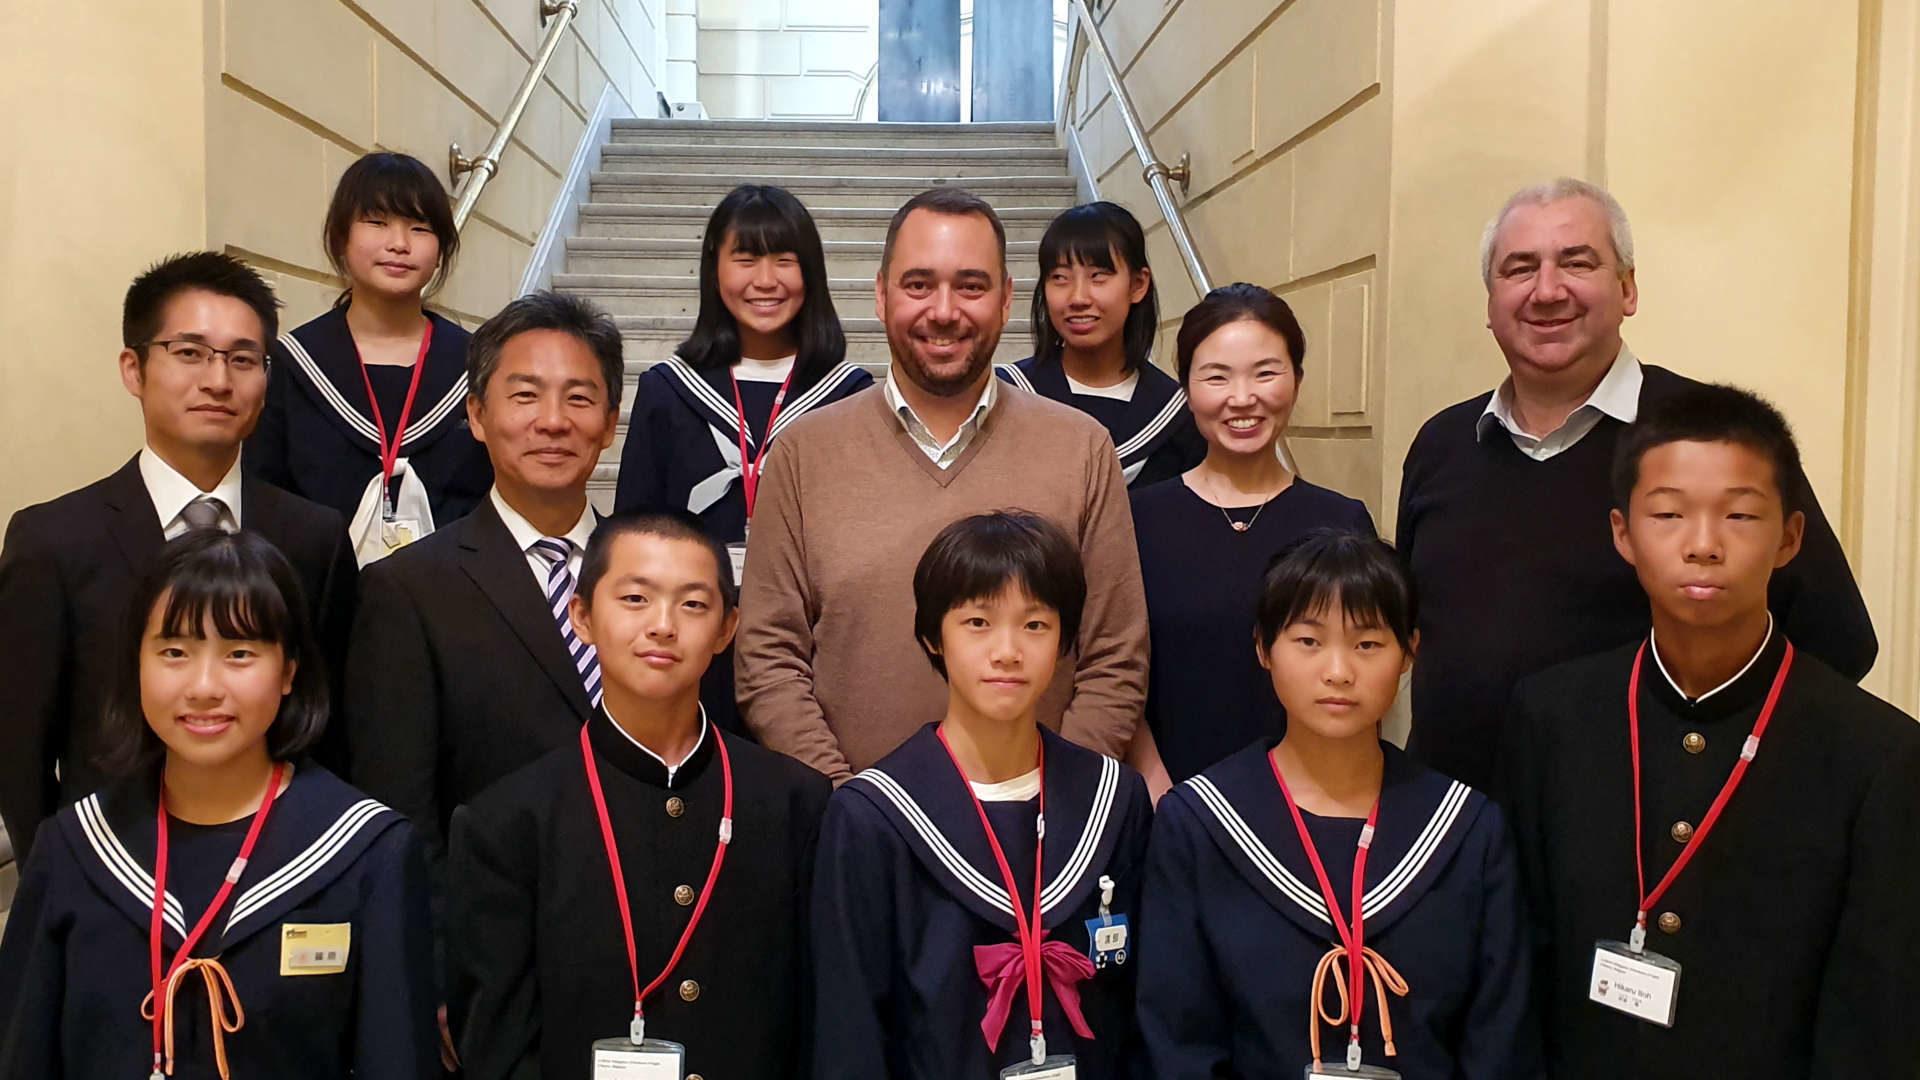 Visite des jeunes d'Ogaki à Namur en 2019